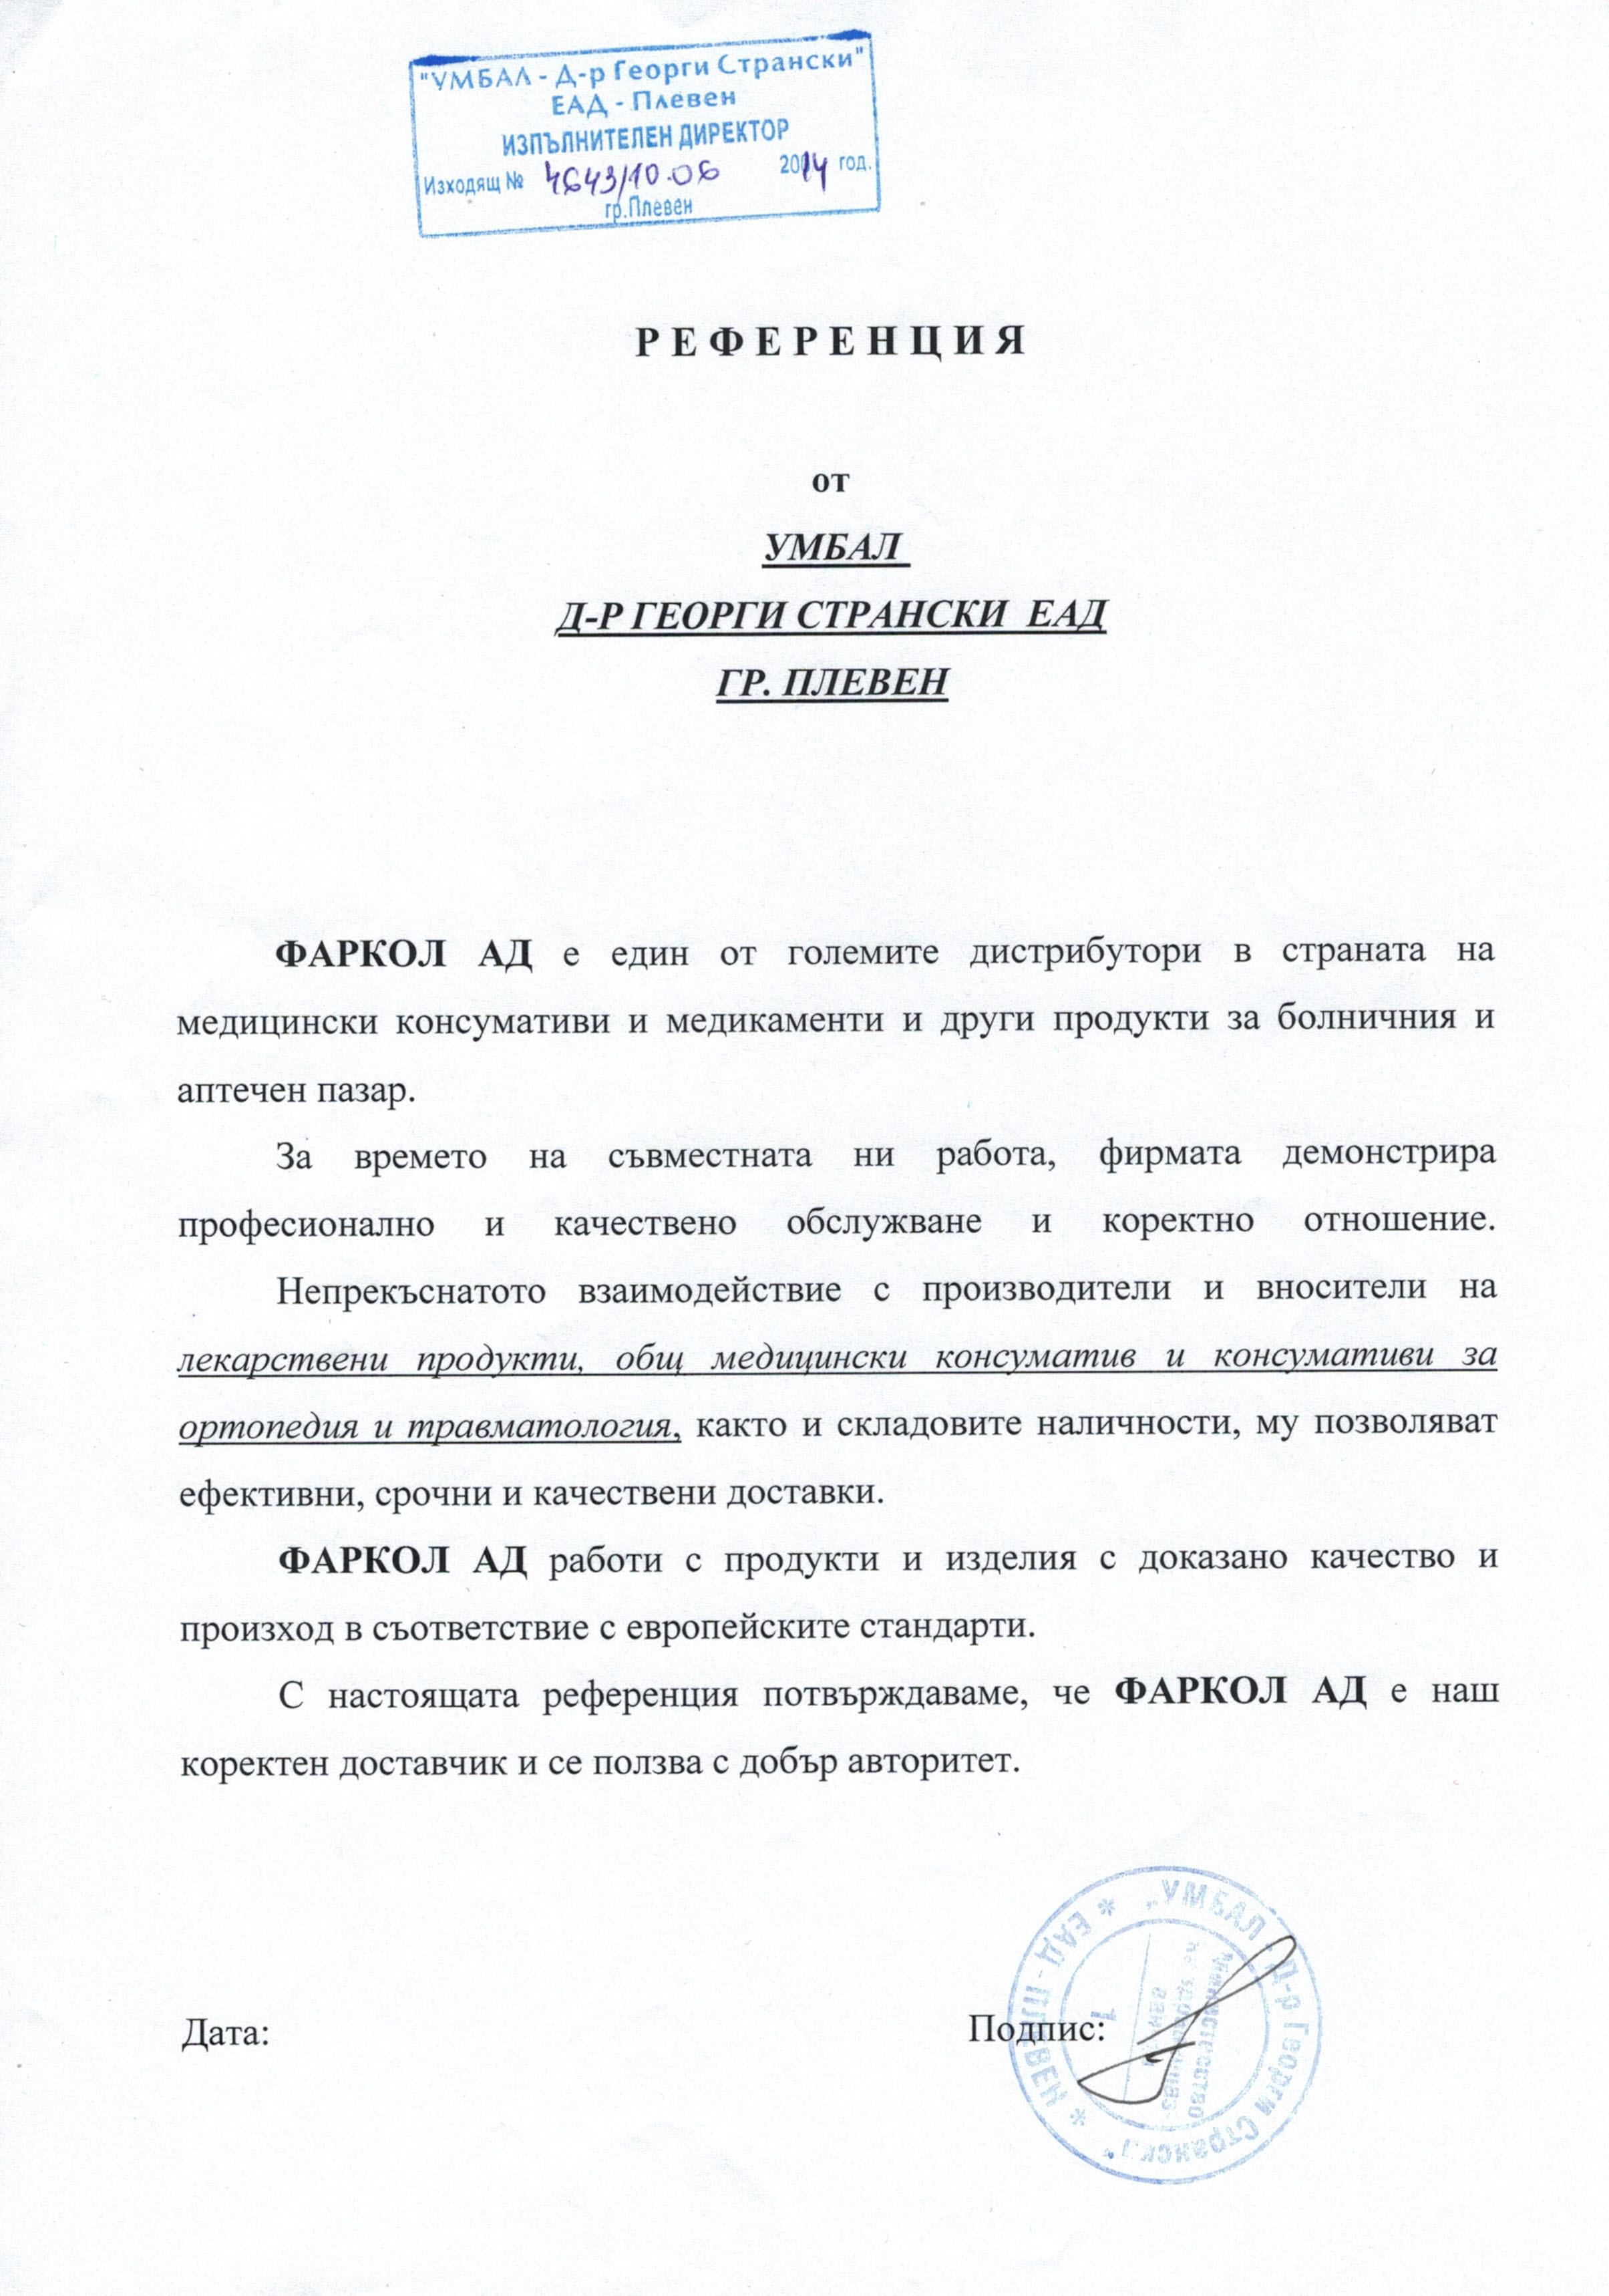 5_UMBAL_GSTRANSKI